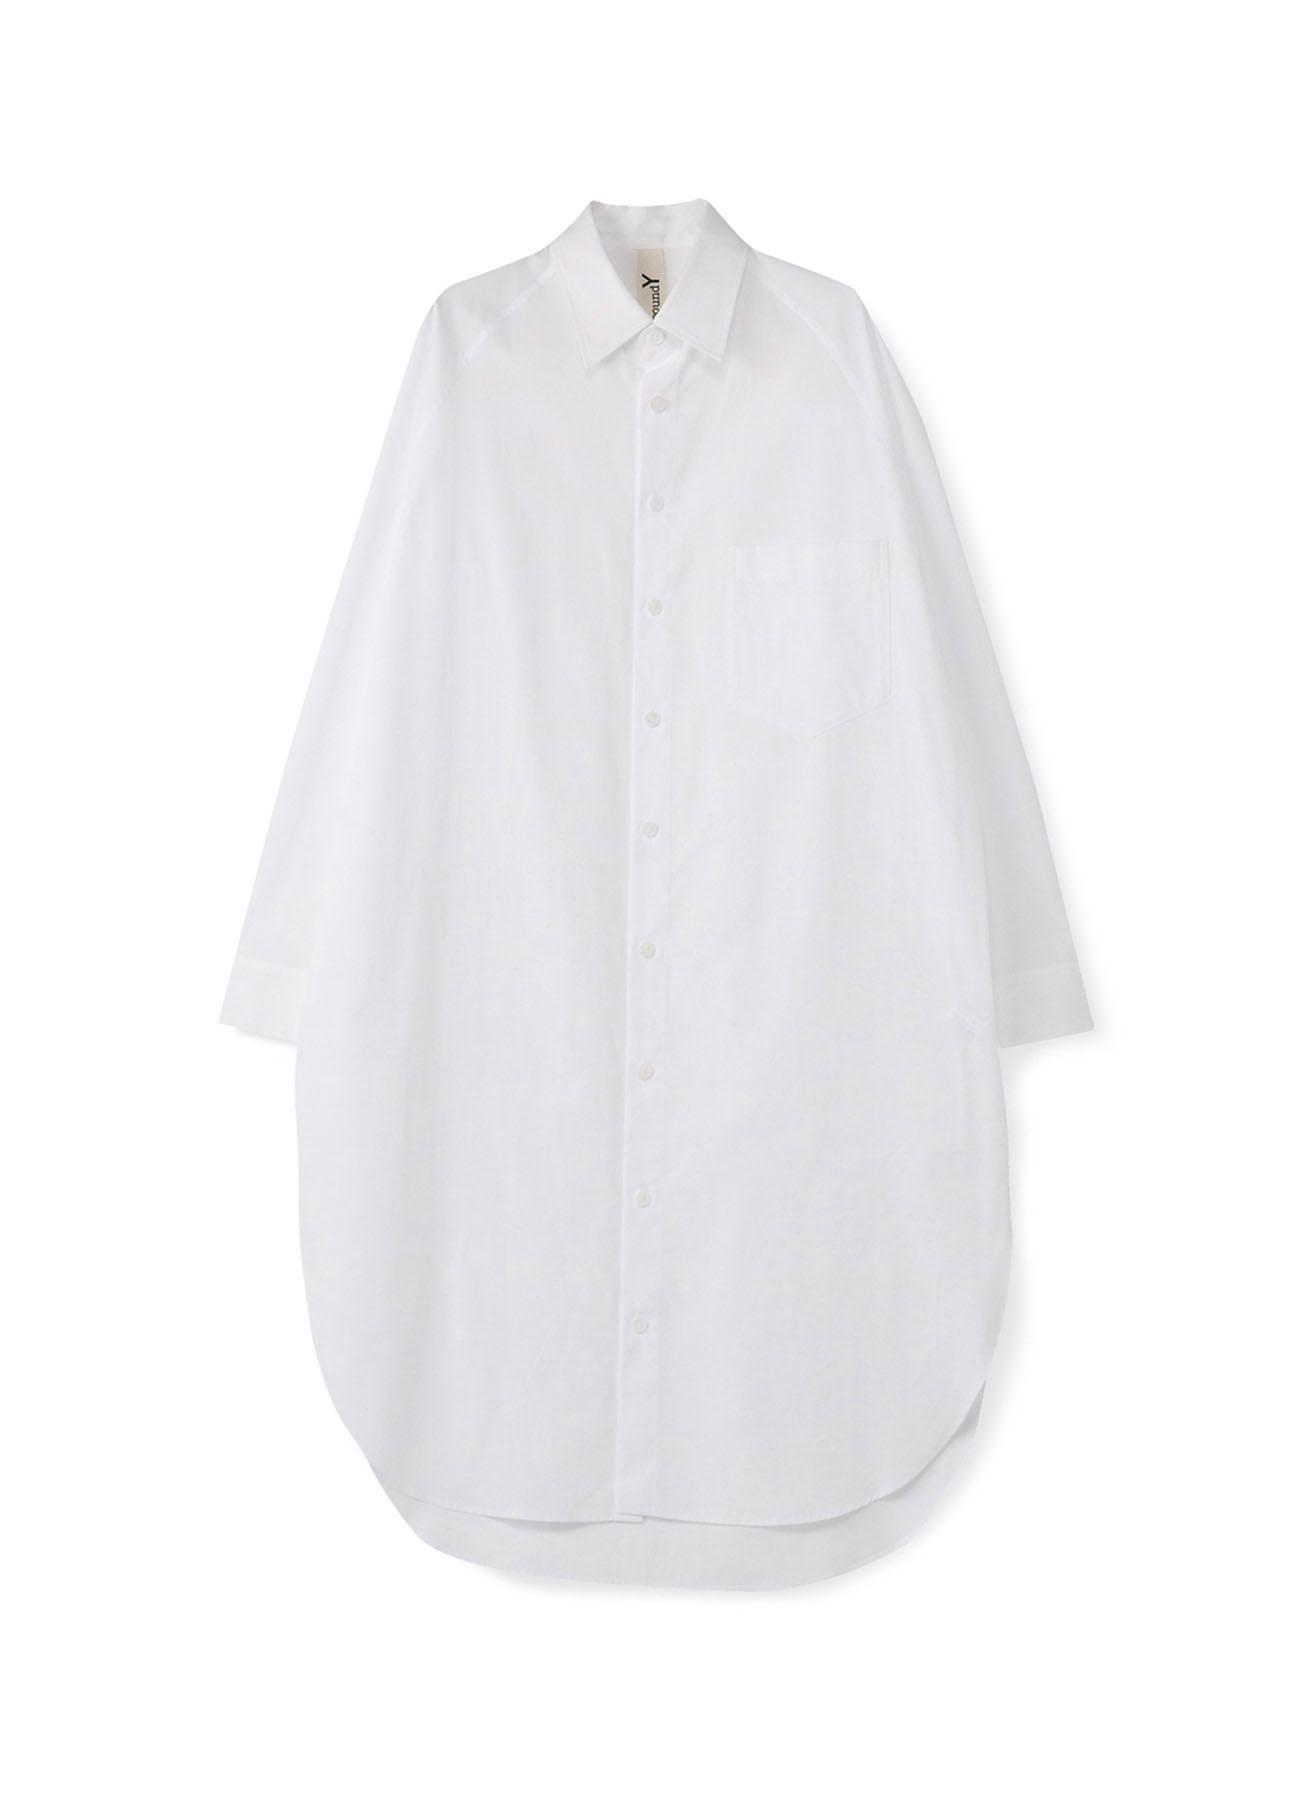 C/ブロード 前ラグランビッグシャツ